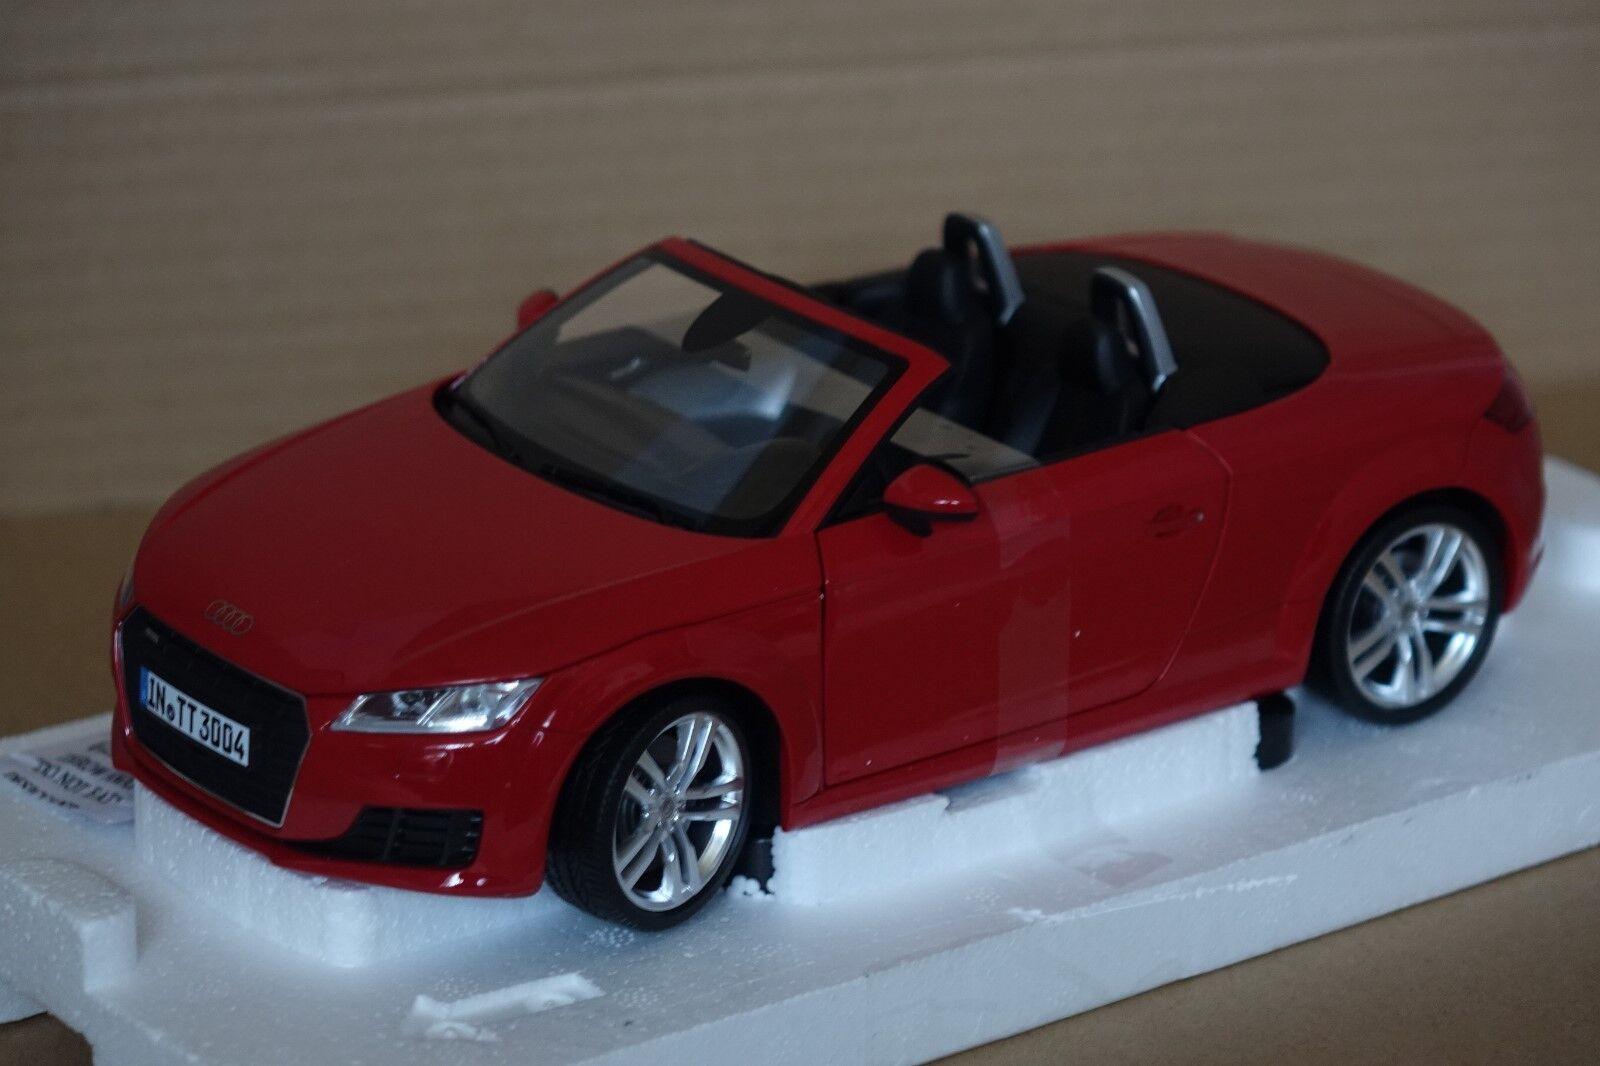 más vendido Audi TT Roadster Roadster Roadster 2015 rojo 1 18 Audi Minichamps nuevo & OVP 5011400525  buscando agente de ventas